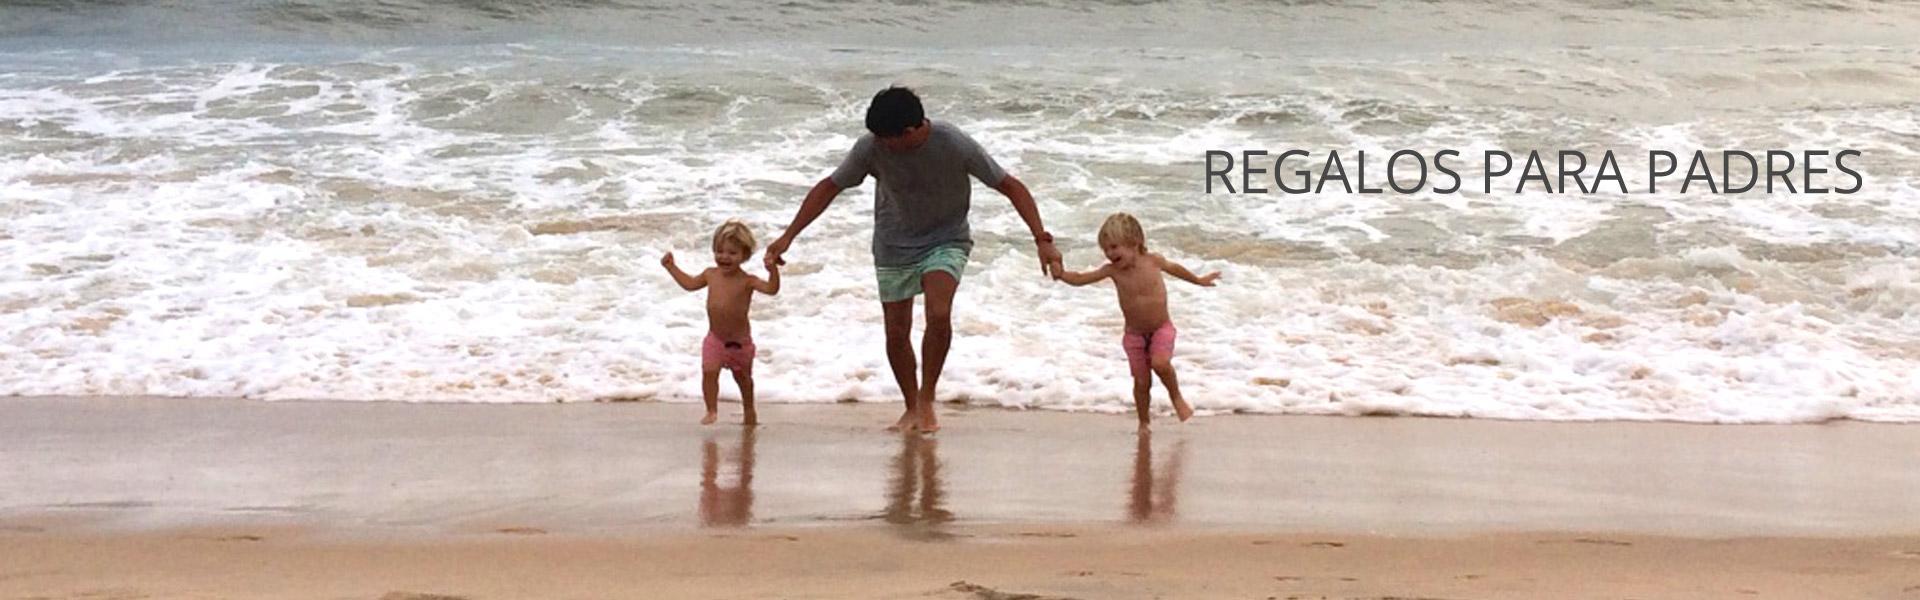 Regalos para padres 2019 ideas para regalar originales - Regalos a padres ...